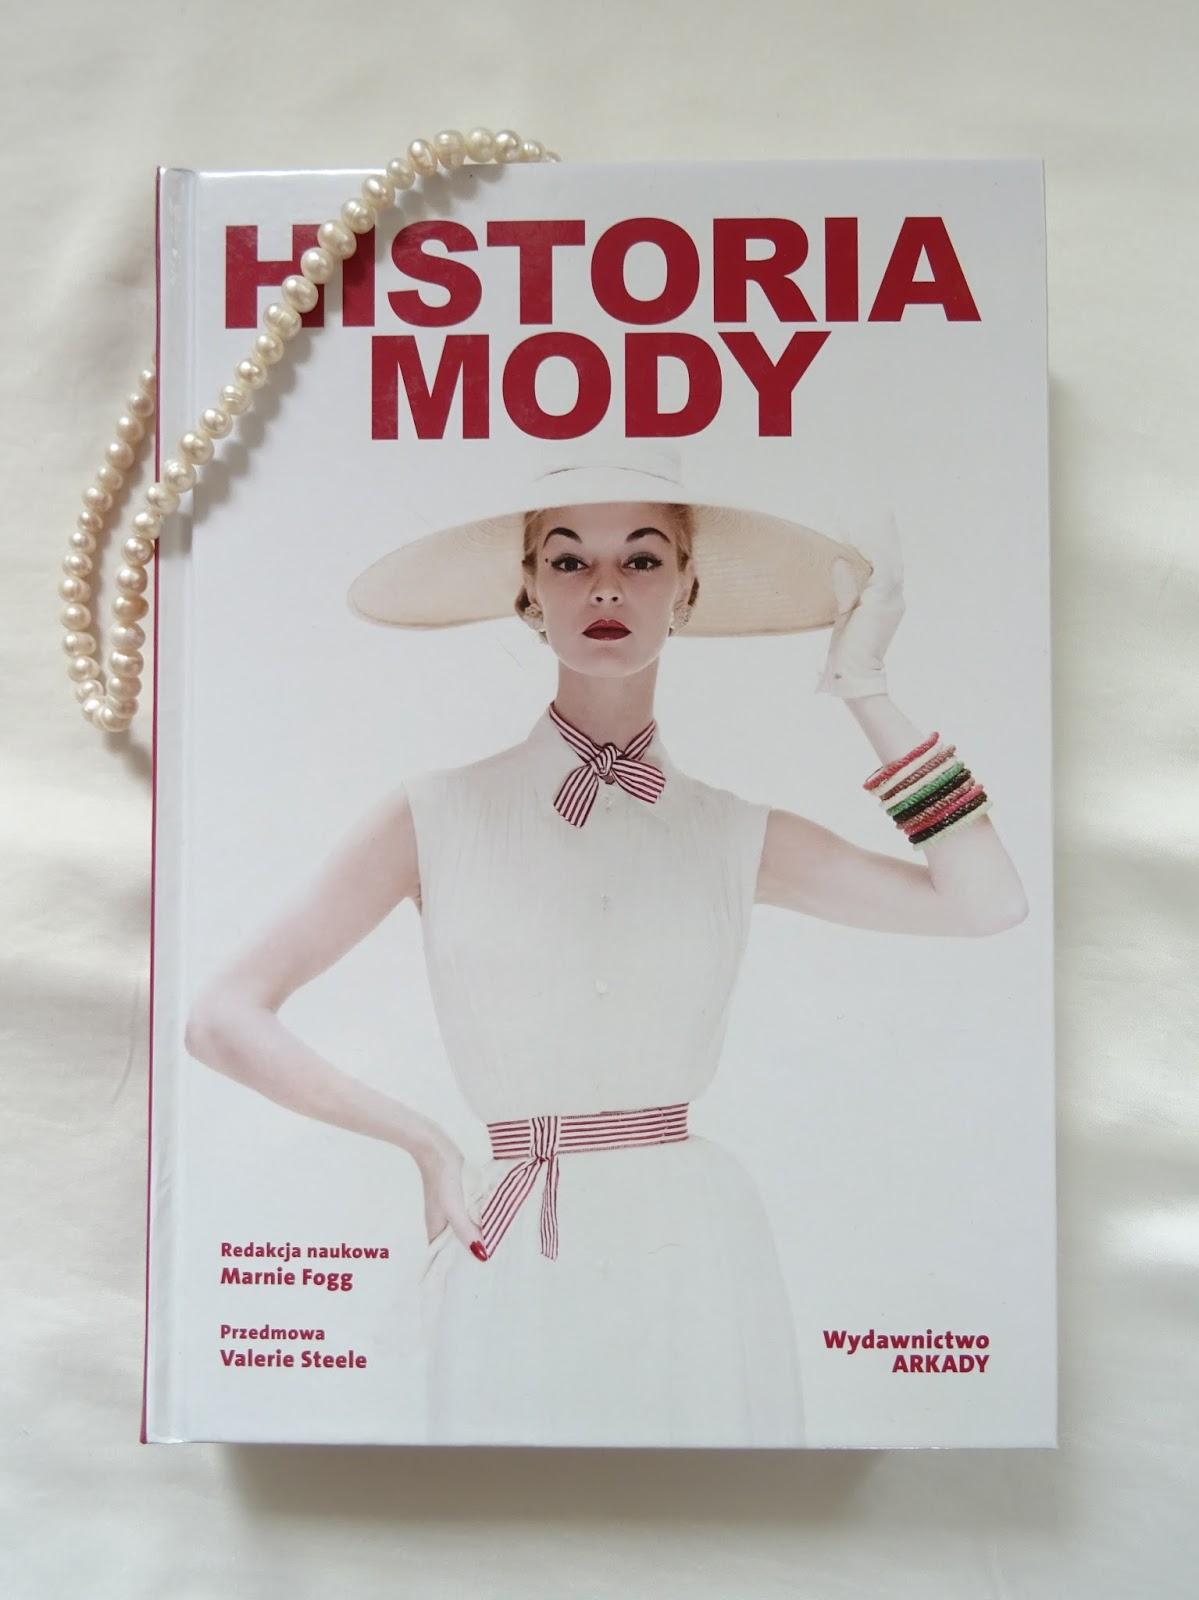 Czy da się opisać historię mody?